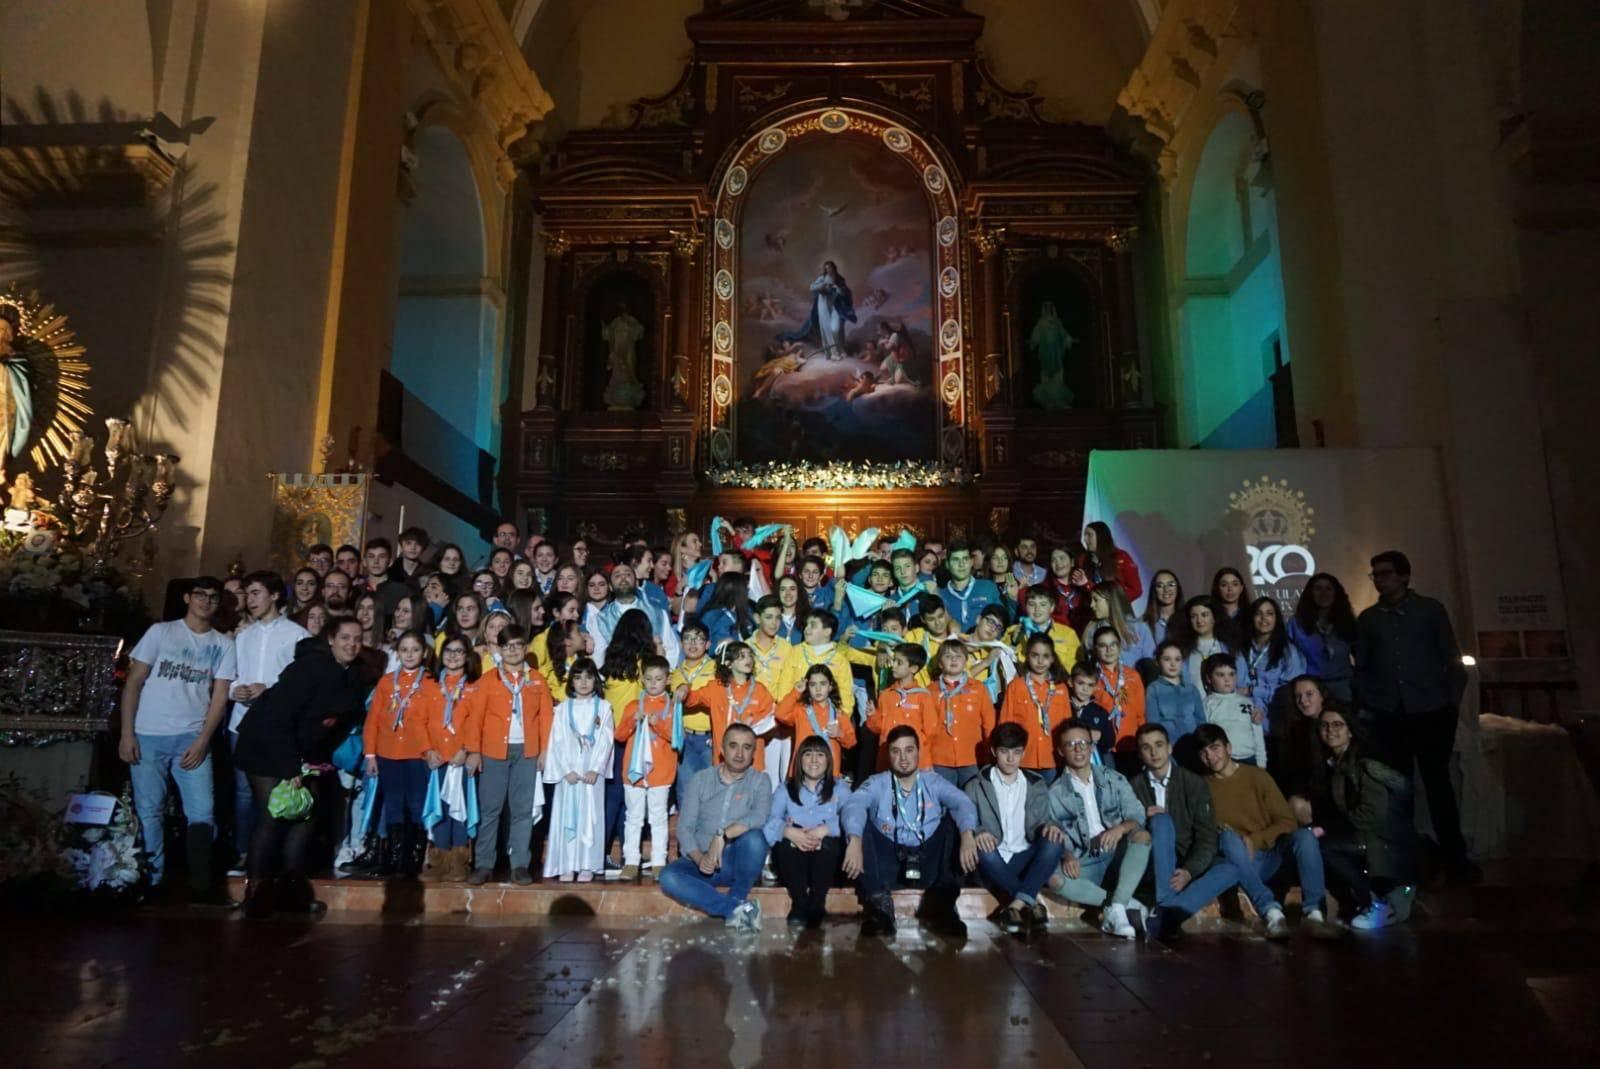 Vigilia de la Inmaculada Concepción de Herencia 20180010 - Imágenes de la Vigilia de la Inmaculada Concepción en Herencia